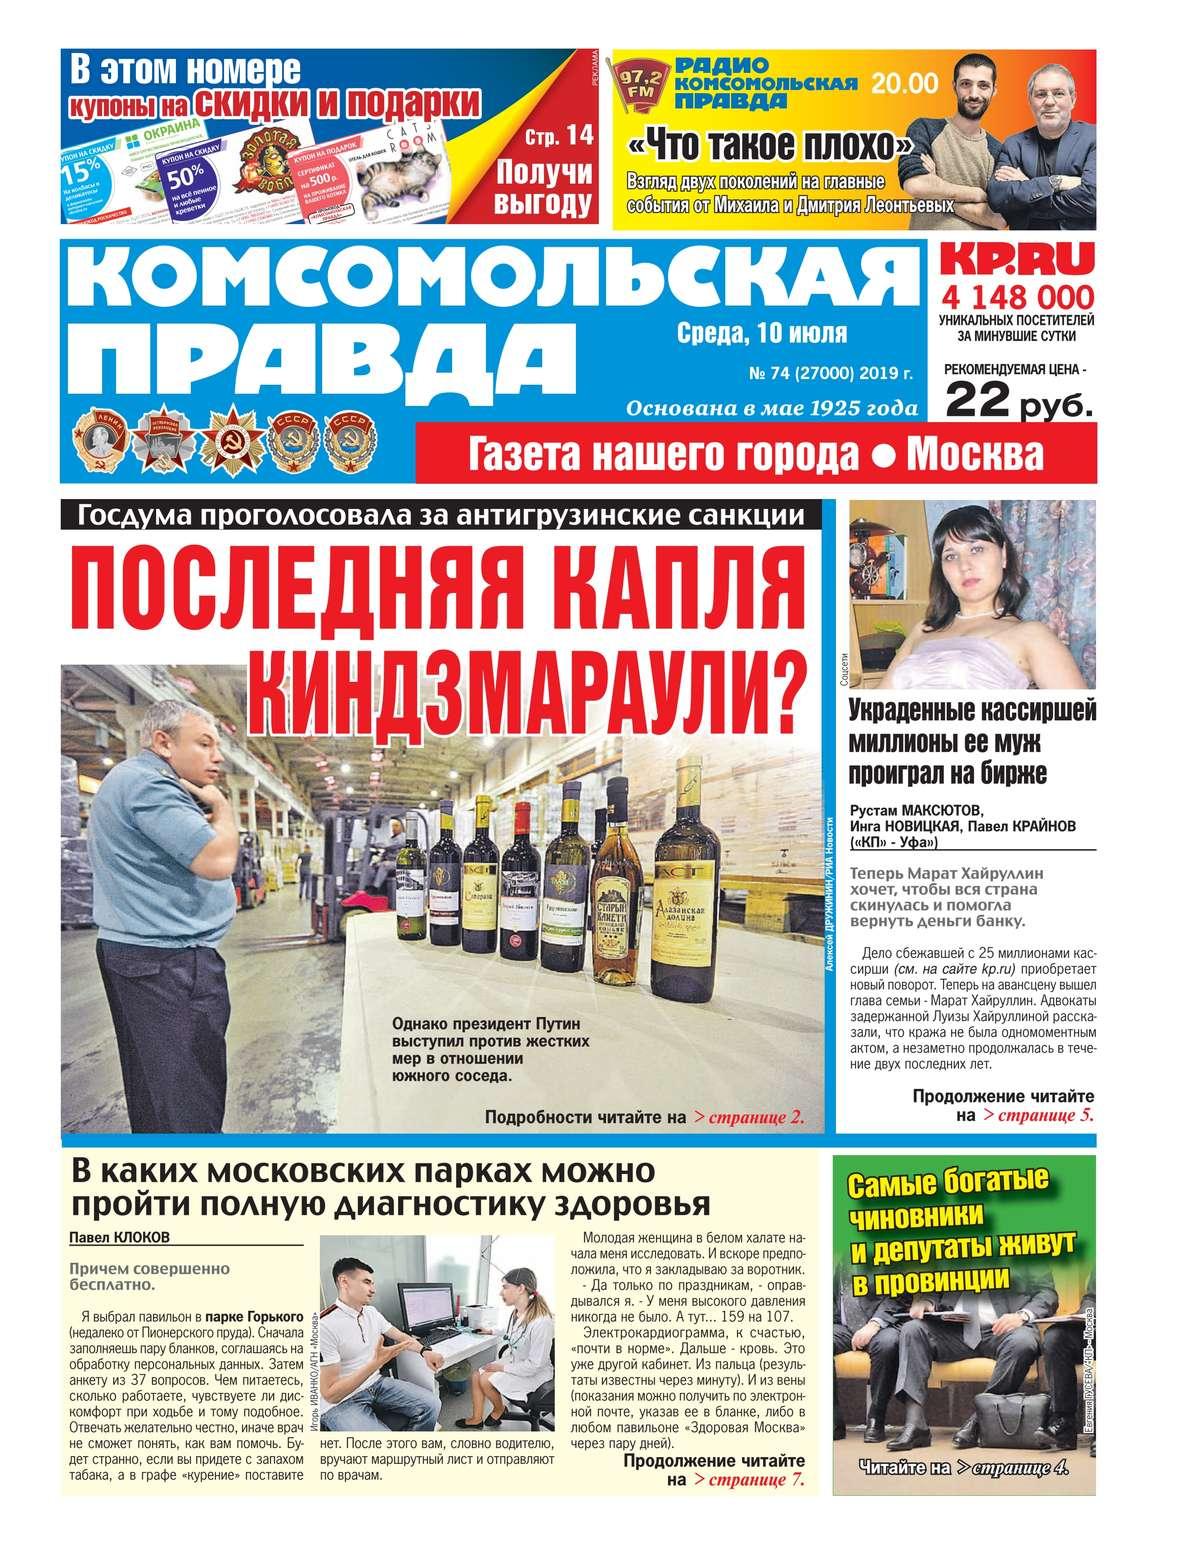 Комсомольская Правда. Москва 74-2019